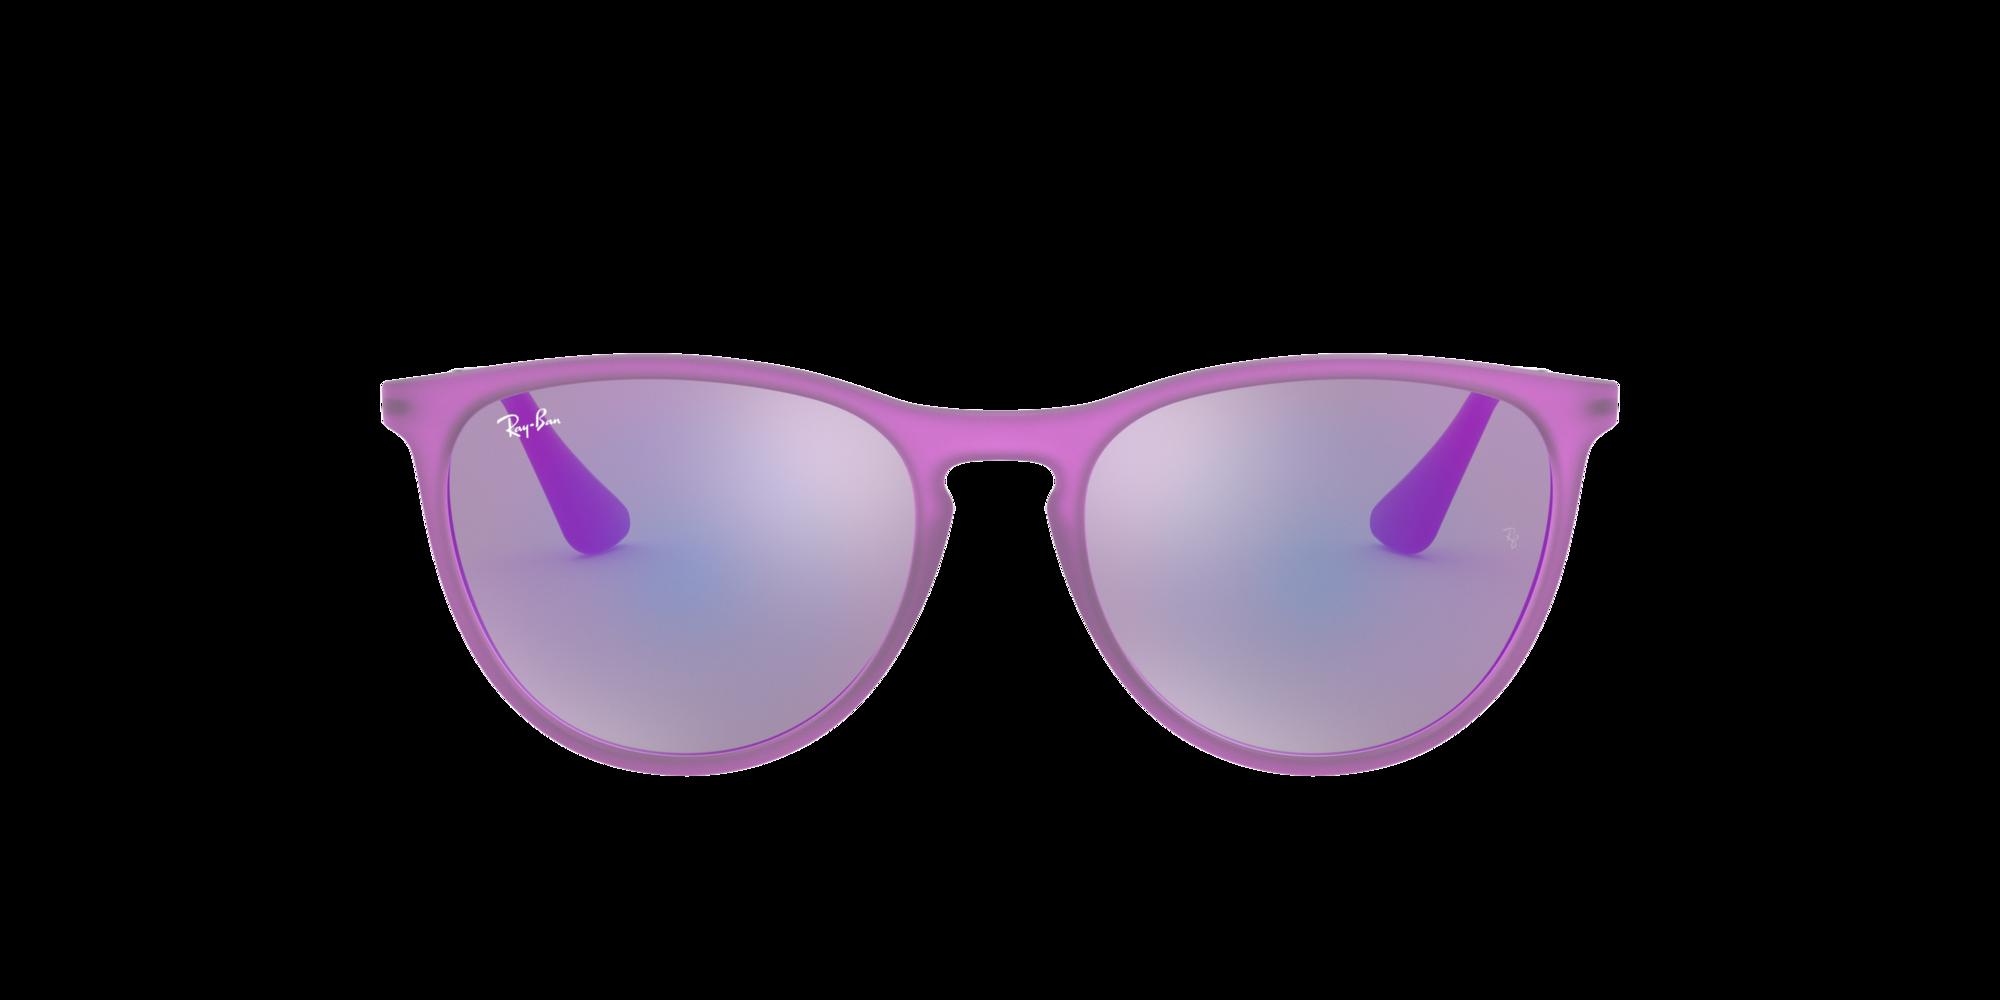 Image de RJ9060S 50 JUNIOR ERIKA from LensCrafters | Lunettes, lunettes d'ordonnance en ligne, lunetterie